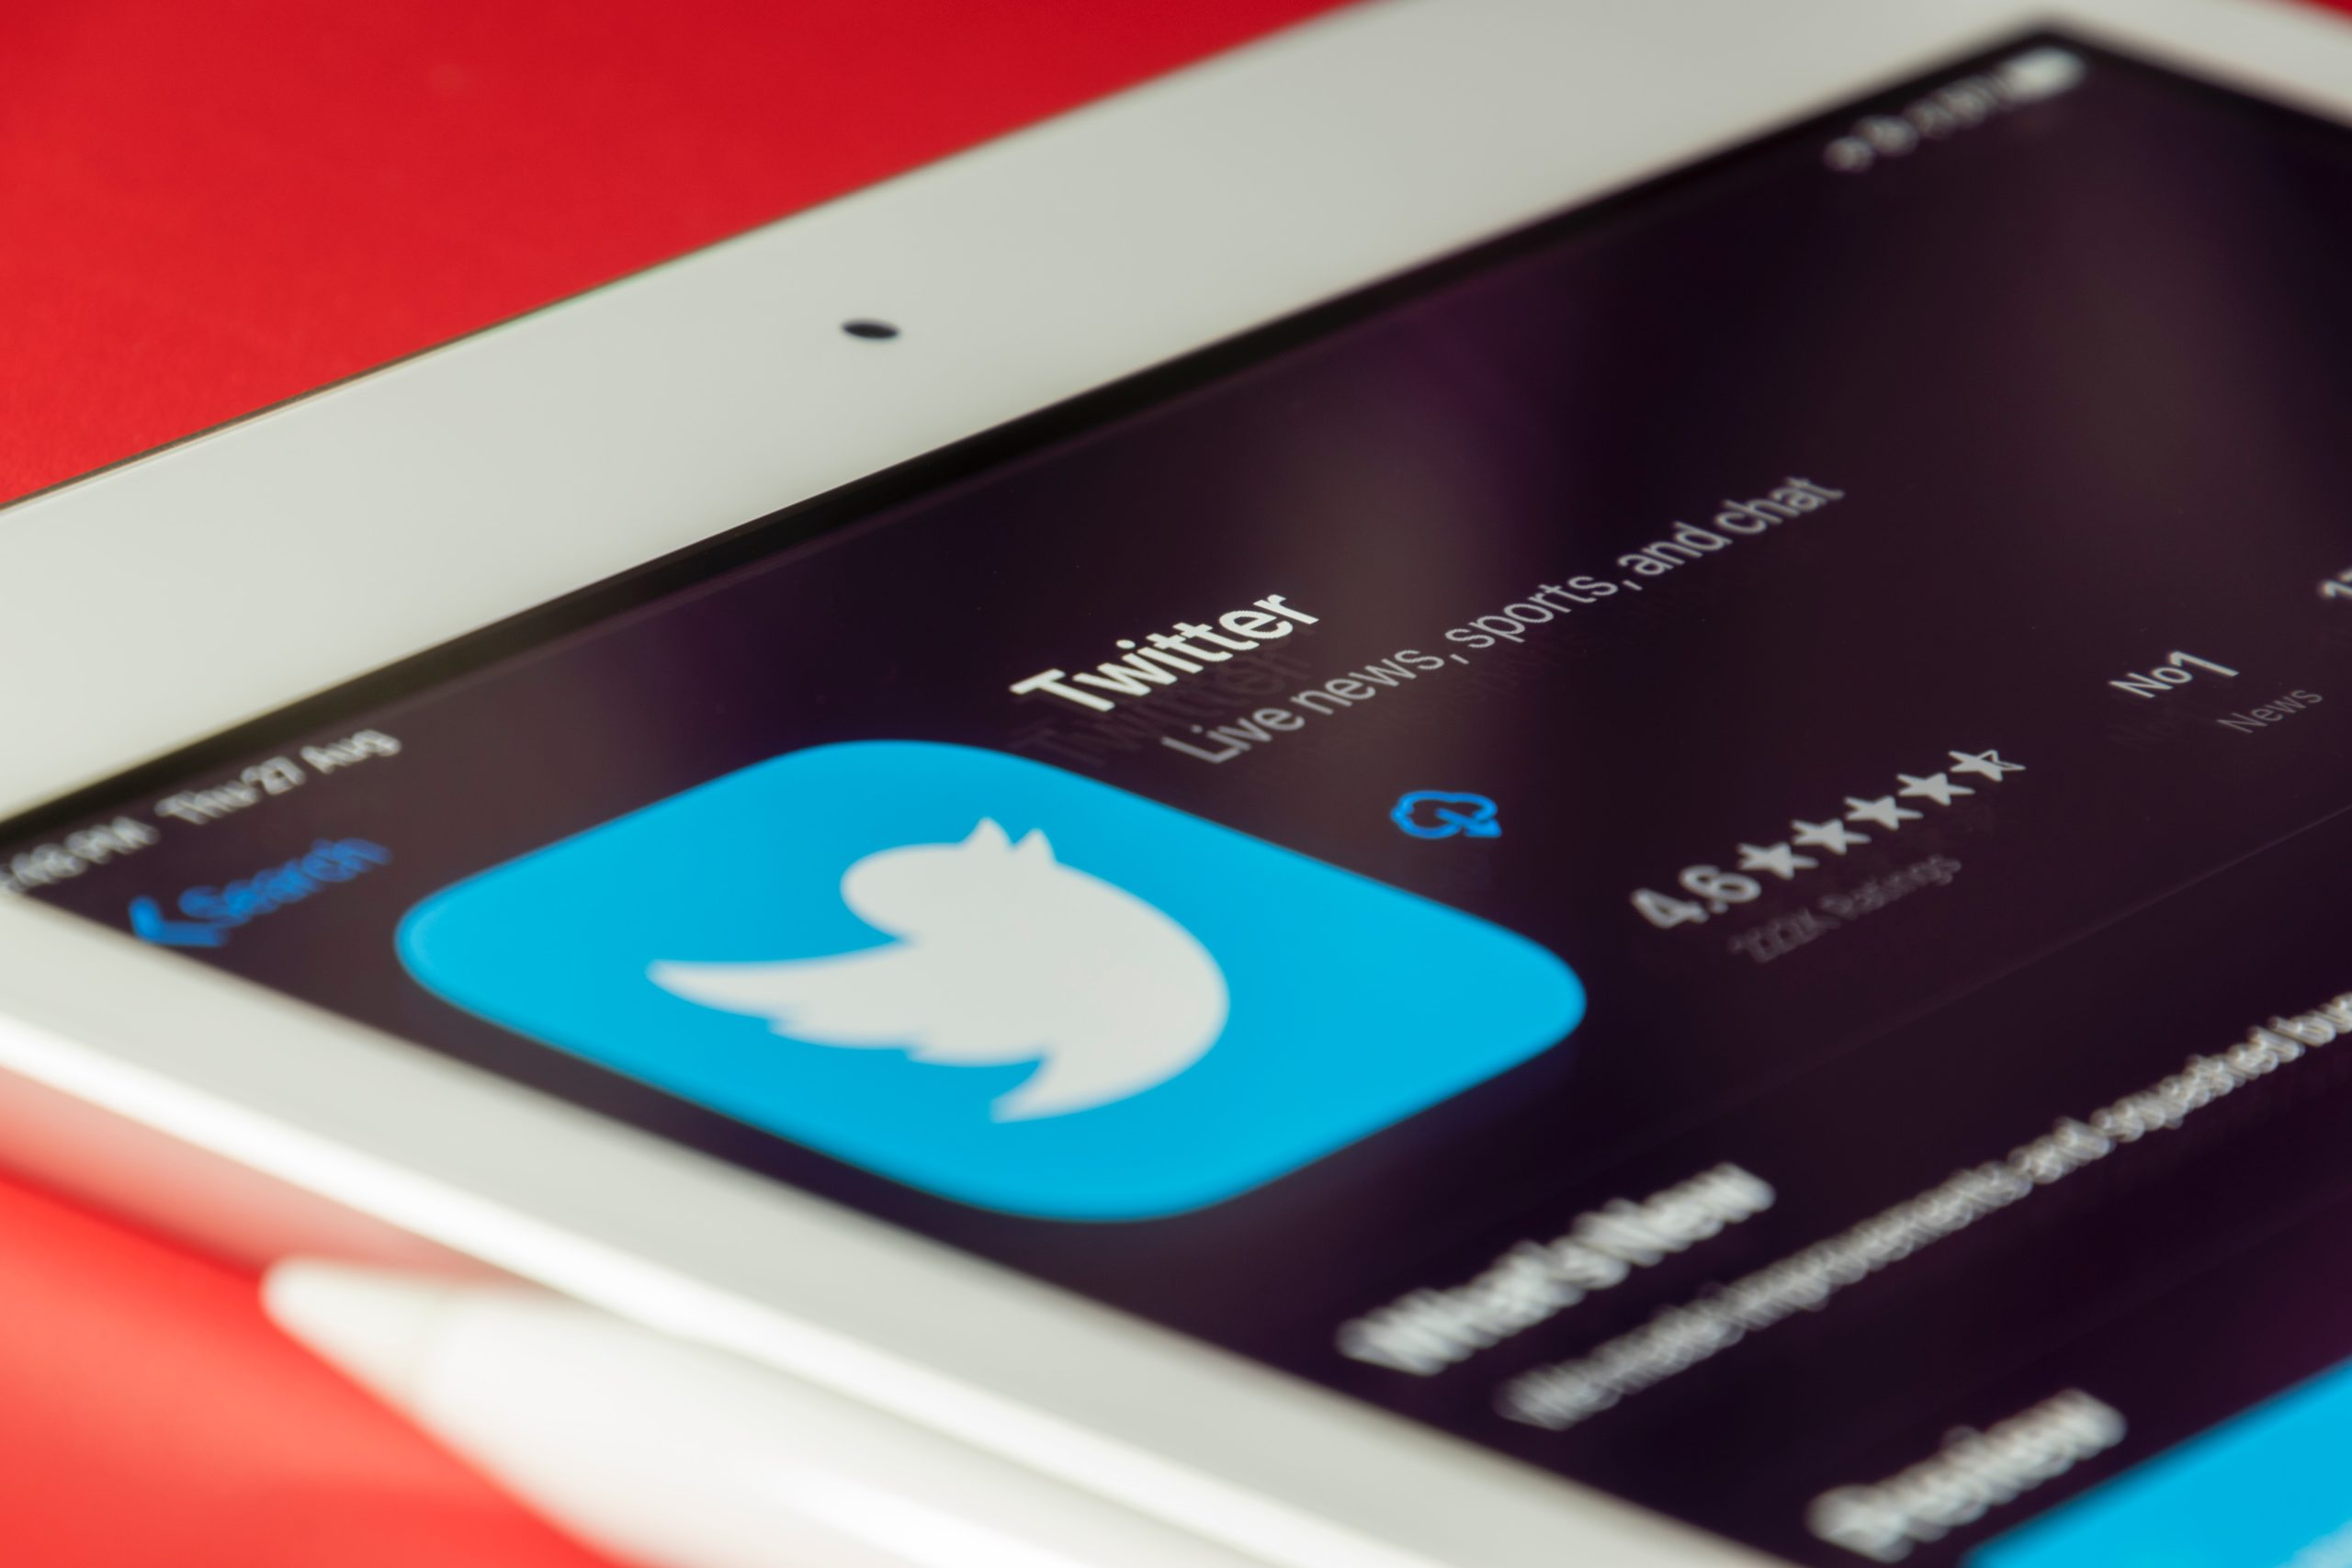 twitter app download screen